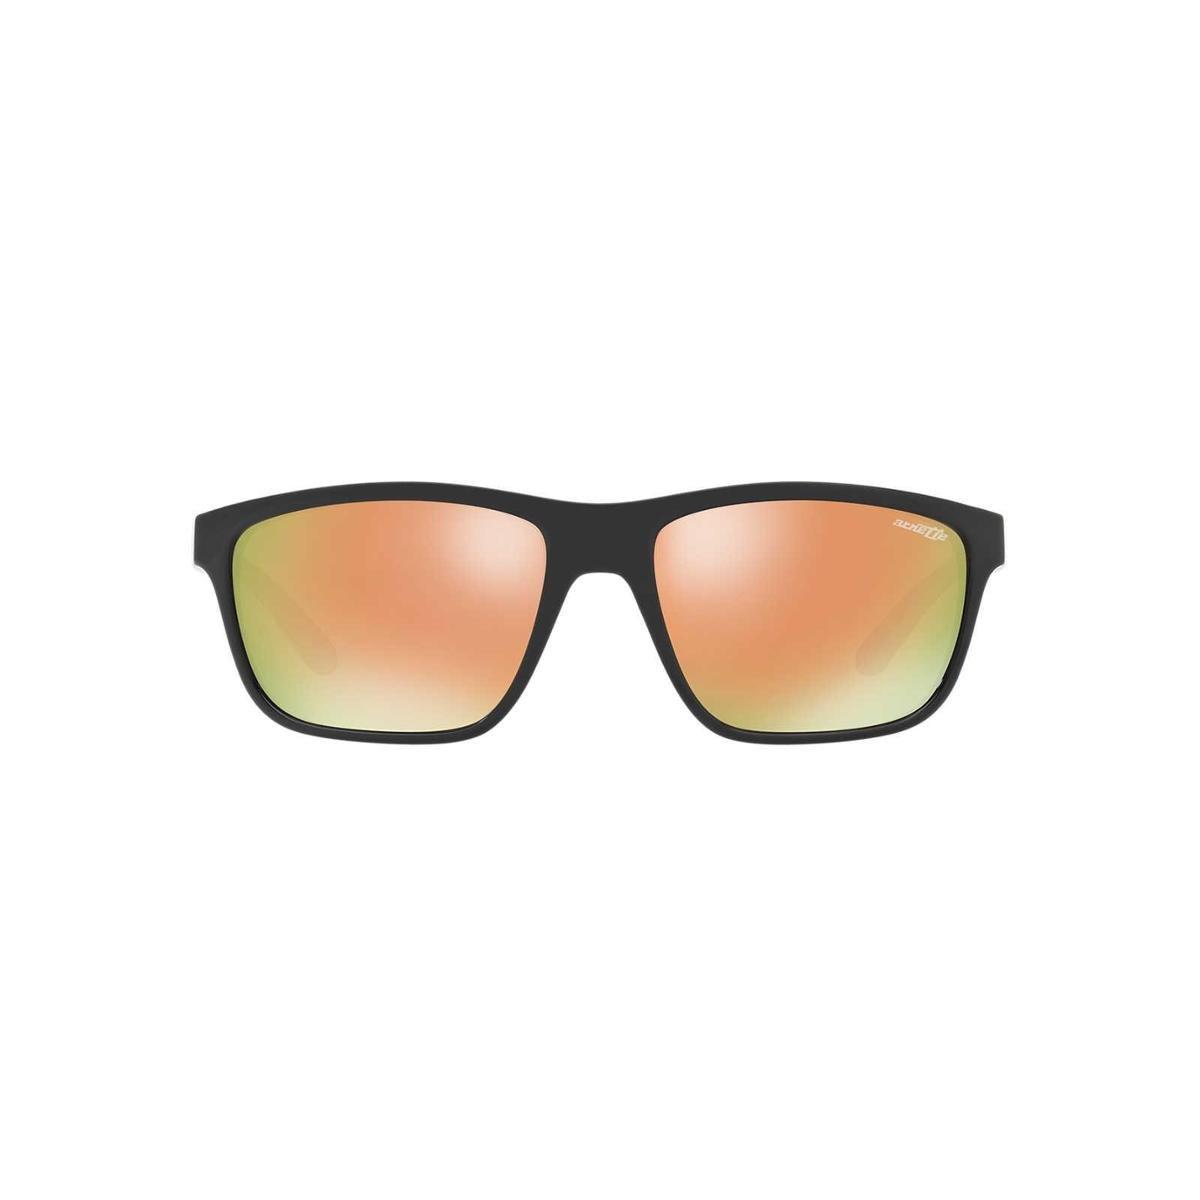 d93f2b196 Óculos de Sol Burberry Redondo BE4236 Feminino - Preto - Compre ...